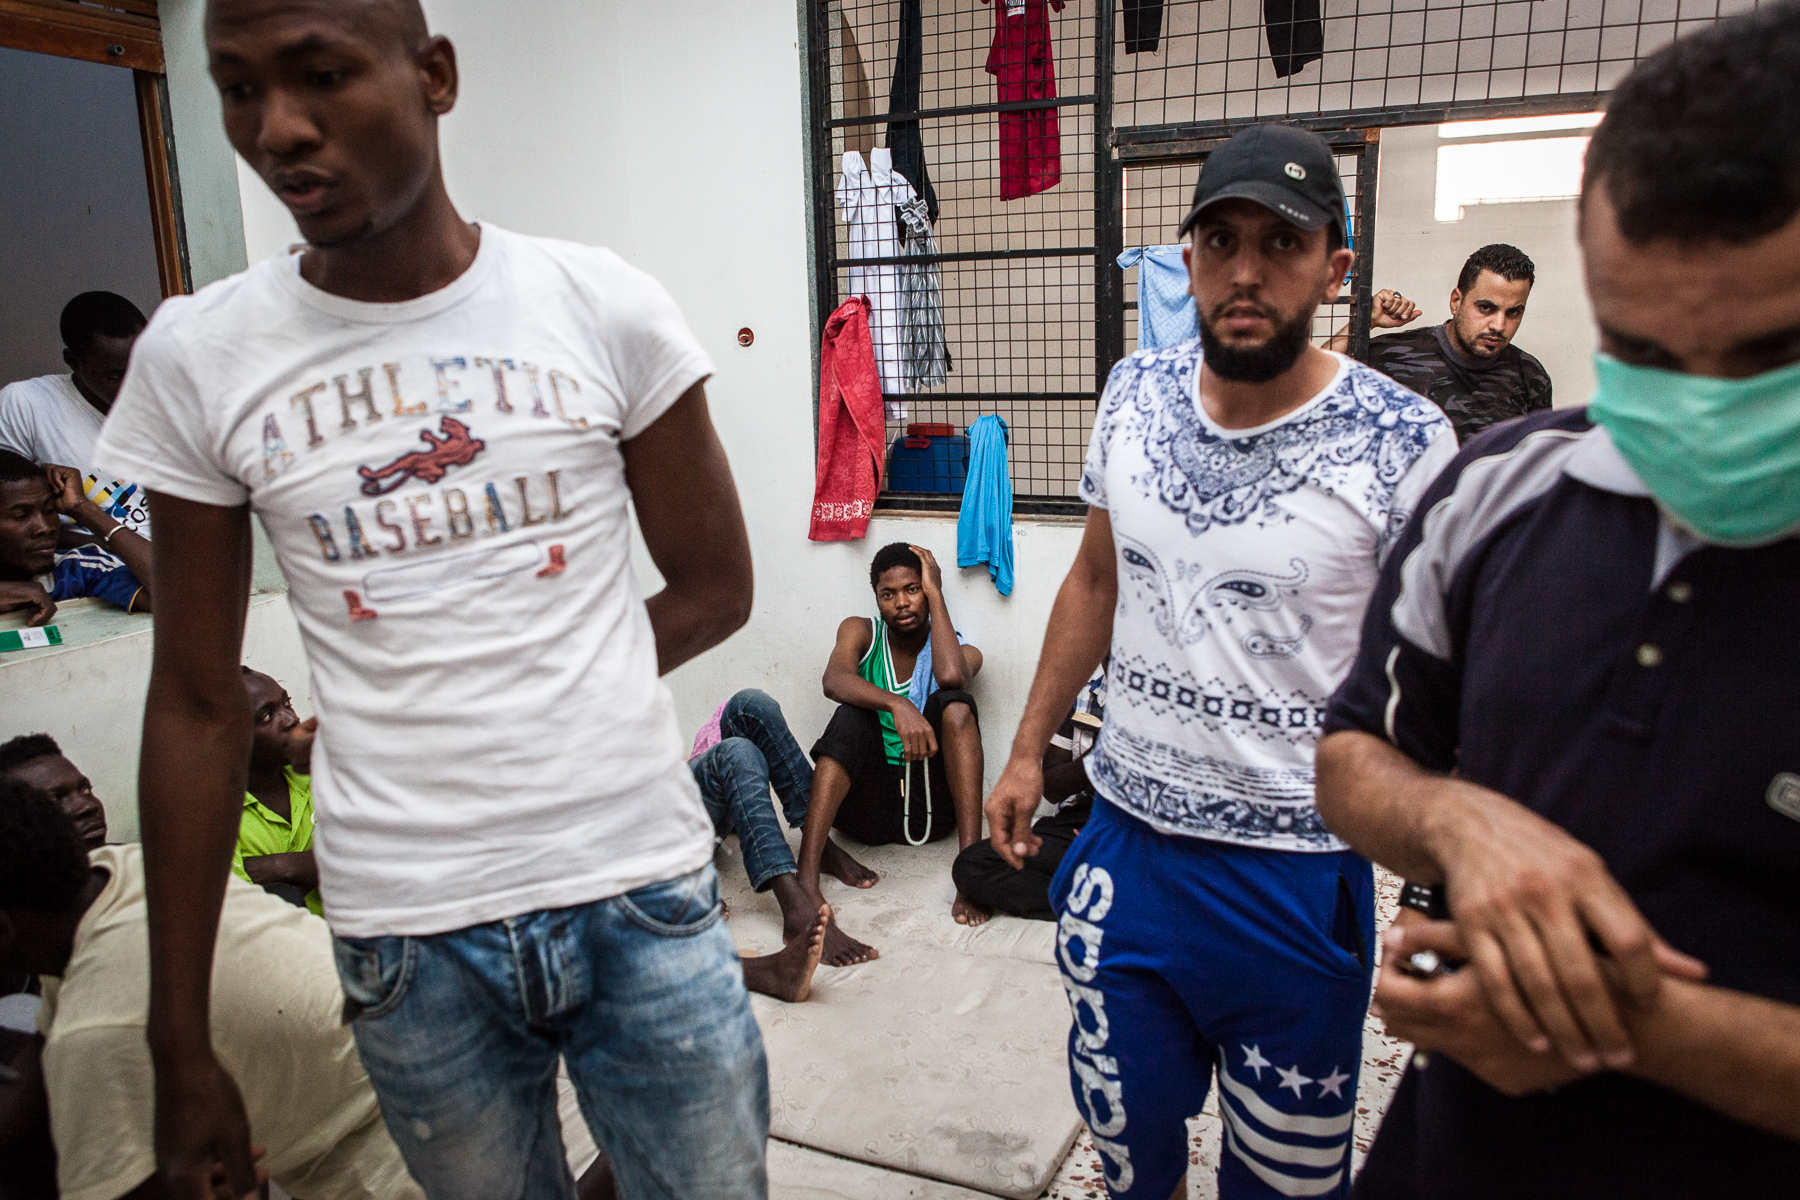 Tripoli, le 4 Juillet 2015. Centre de détention pour migrants illégaux à Abu Salim, dans la région de Tripoli. Le gouvernement de Fajr Libya, installé à Tripoli, est en recherche de reconnaissance de la part de la communauté internationale. Conscients que les conditions de vie dans les camps sont difficiles, ils demandent de l'aide financière et logistique à l'occident pour réussir à gérer la migration illégale transitant par son territoire. En attendant, les migrants illégaux sont entassés dans des lieux insalubres, sans possibilité de sortir ni d'avoir suffisamment accès aux soins.  Tripoli, 4th of July 2015. Detention camp for illegal migrants in garabuli, next to tripoli. Fajr Libya government (dawn of libya) is seeking for international recognition. They say they need an international aid (logistics and financial) to improve the difficult life conditions in these detention centers as well as the management of illegal migration in their country. These migrants have almost no access to doctors and live